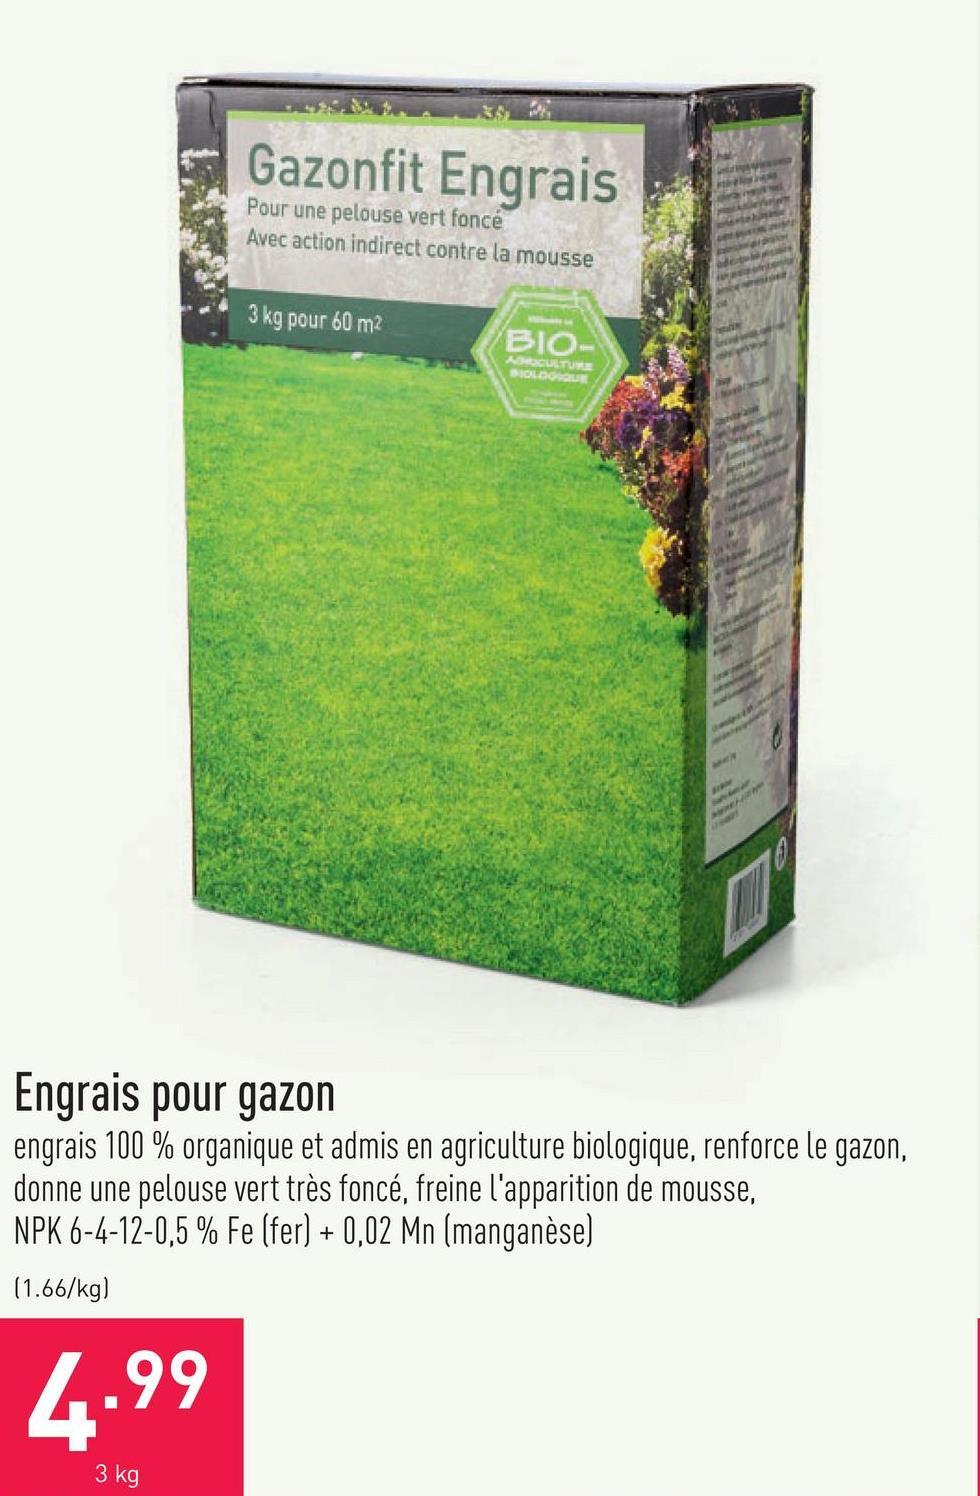 Engrais pour gazon engrais 100 % organique et admis en agriculture biologique, renforce le gazon, donne une pelouse vert très foncé, freine l'apparition de mousse, NPK 6-4-12-0,5 % Fe (fer) + 0,02 Mn (manganèse)